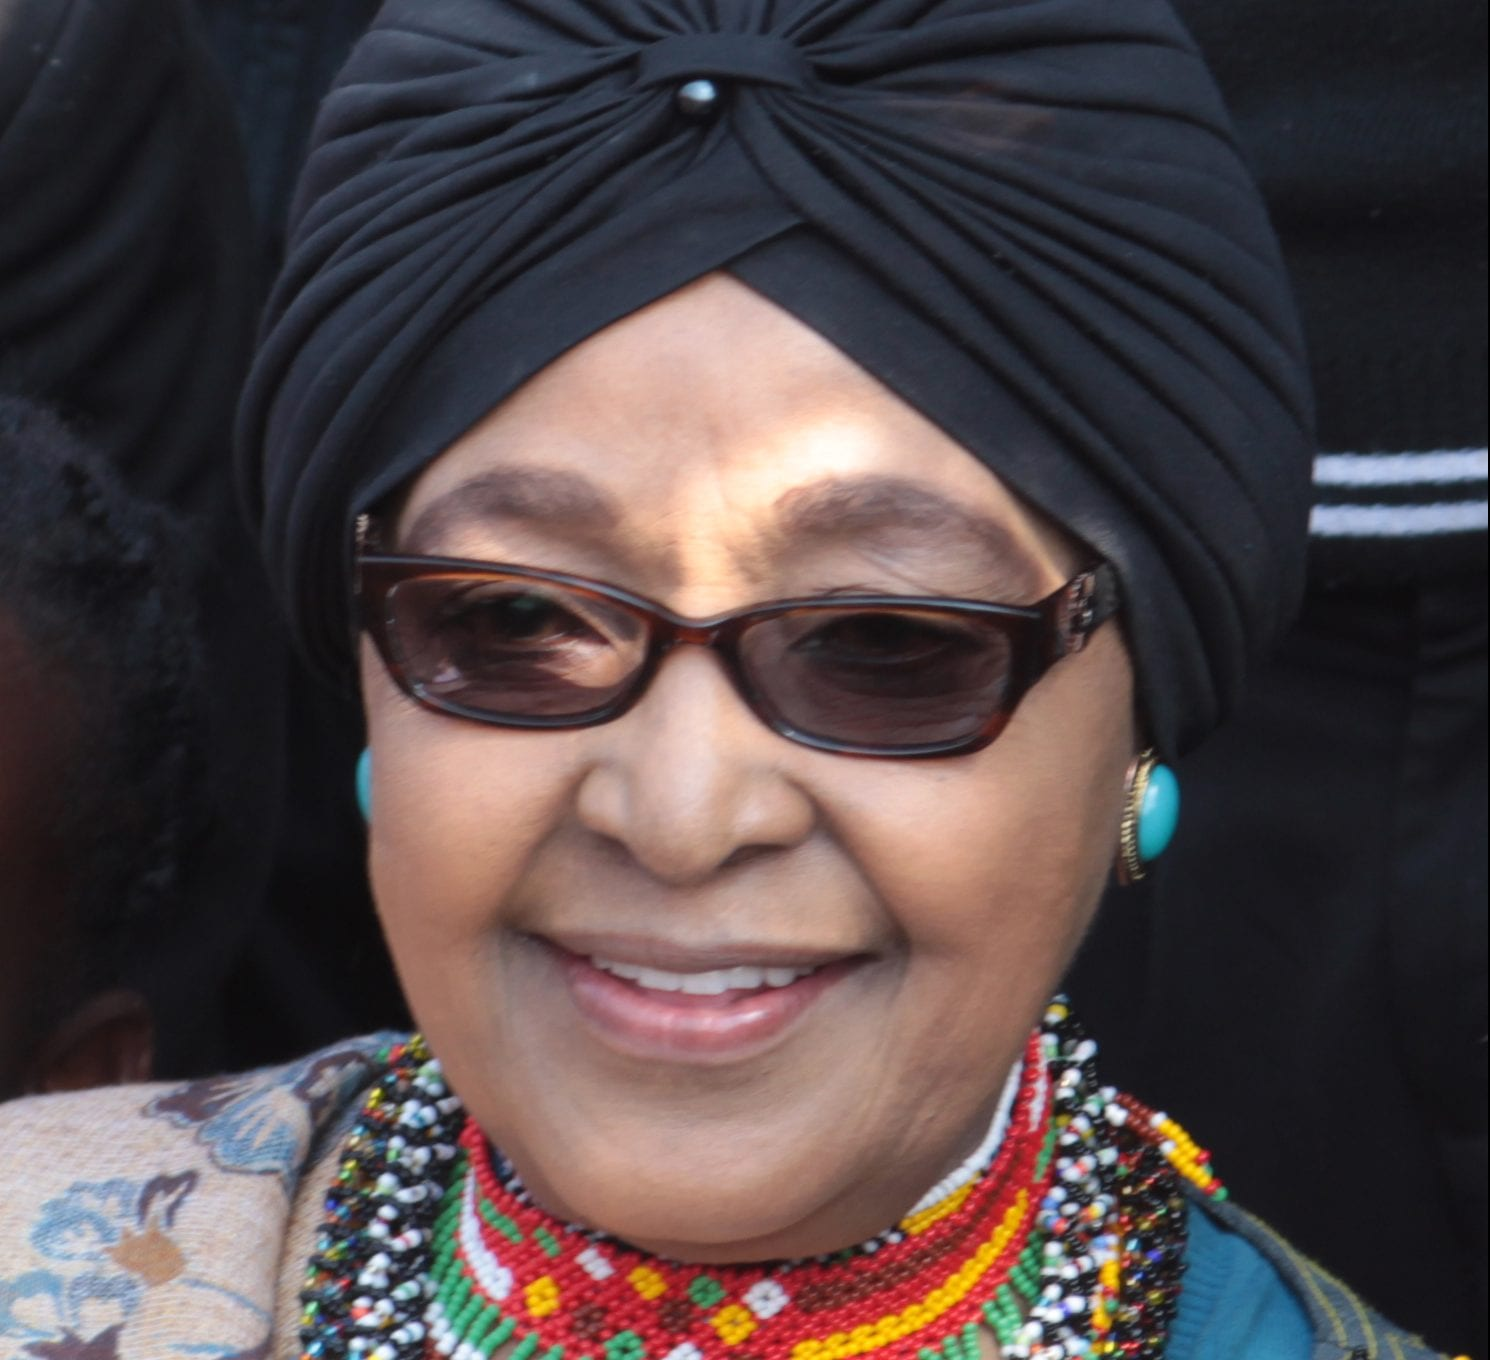 Winnie Mandela e1522694080667